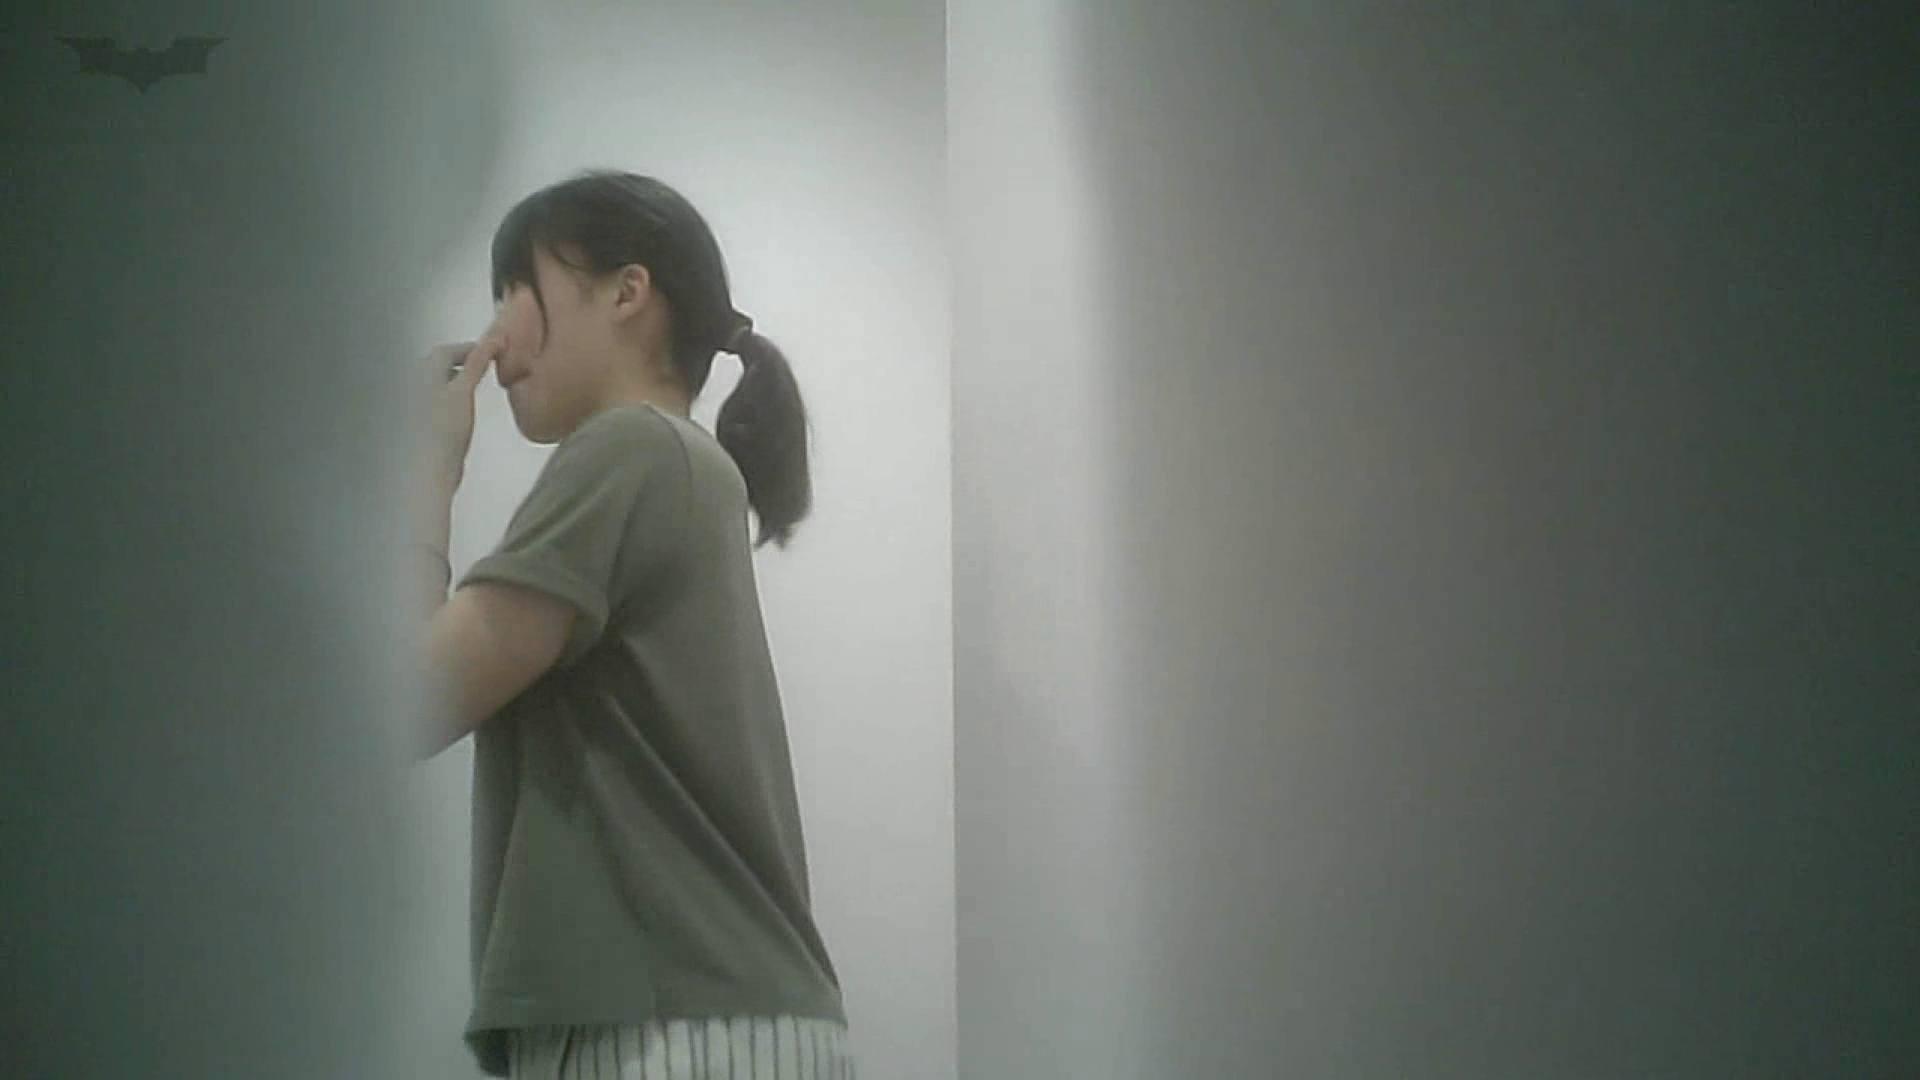 有名大学女性洗面所 vol.39 スッゴクド派手な勝負パンツ!1名+7名 パンツ売る女 オマンコ動画キャプチャ 100枚 52